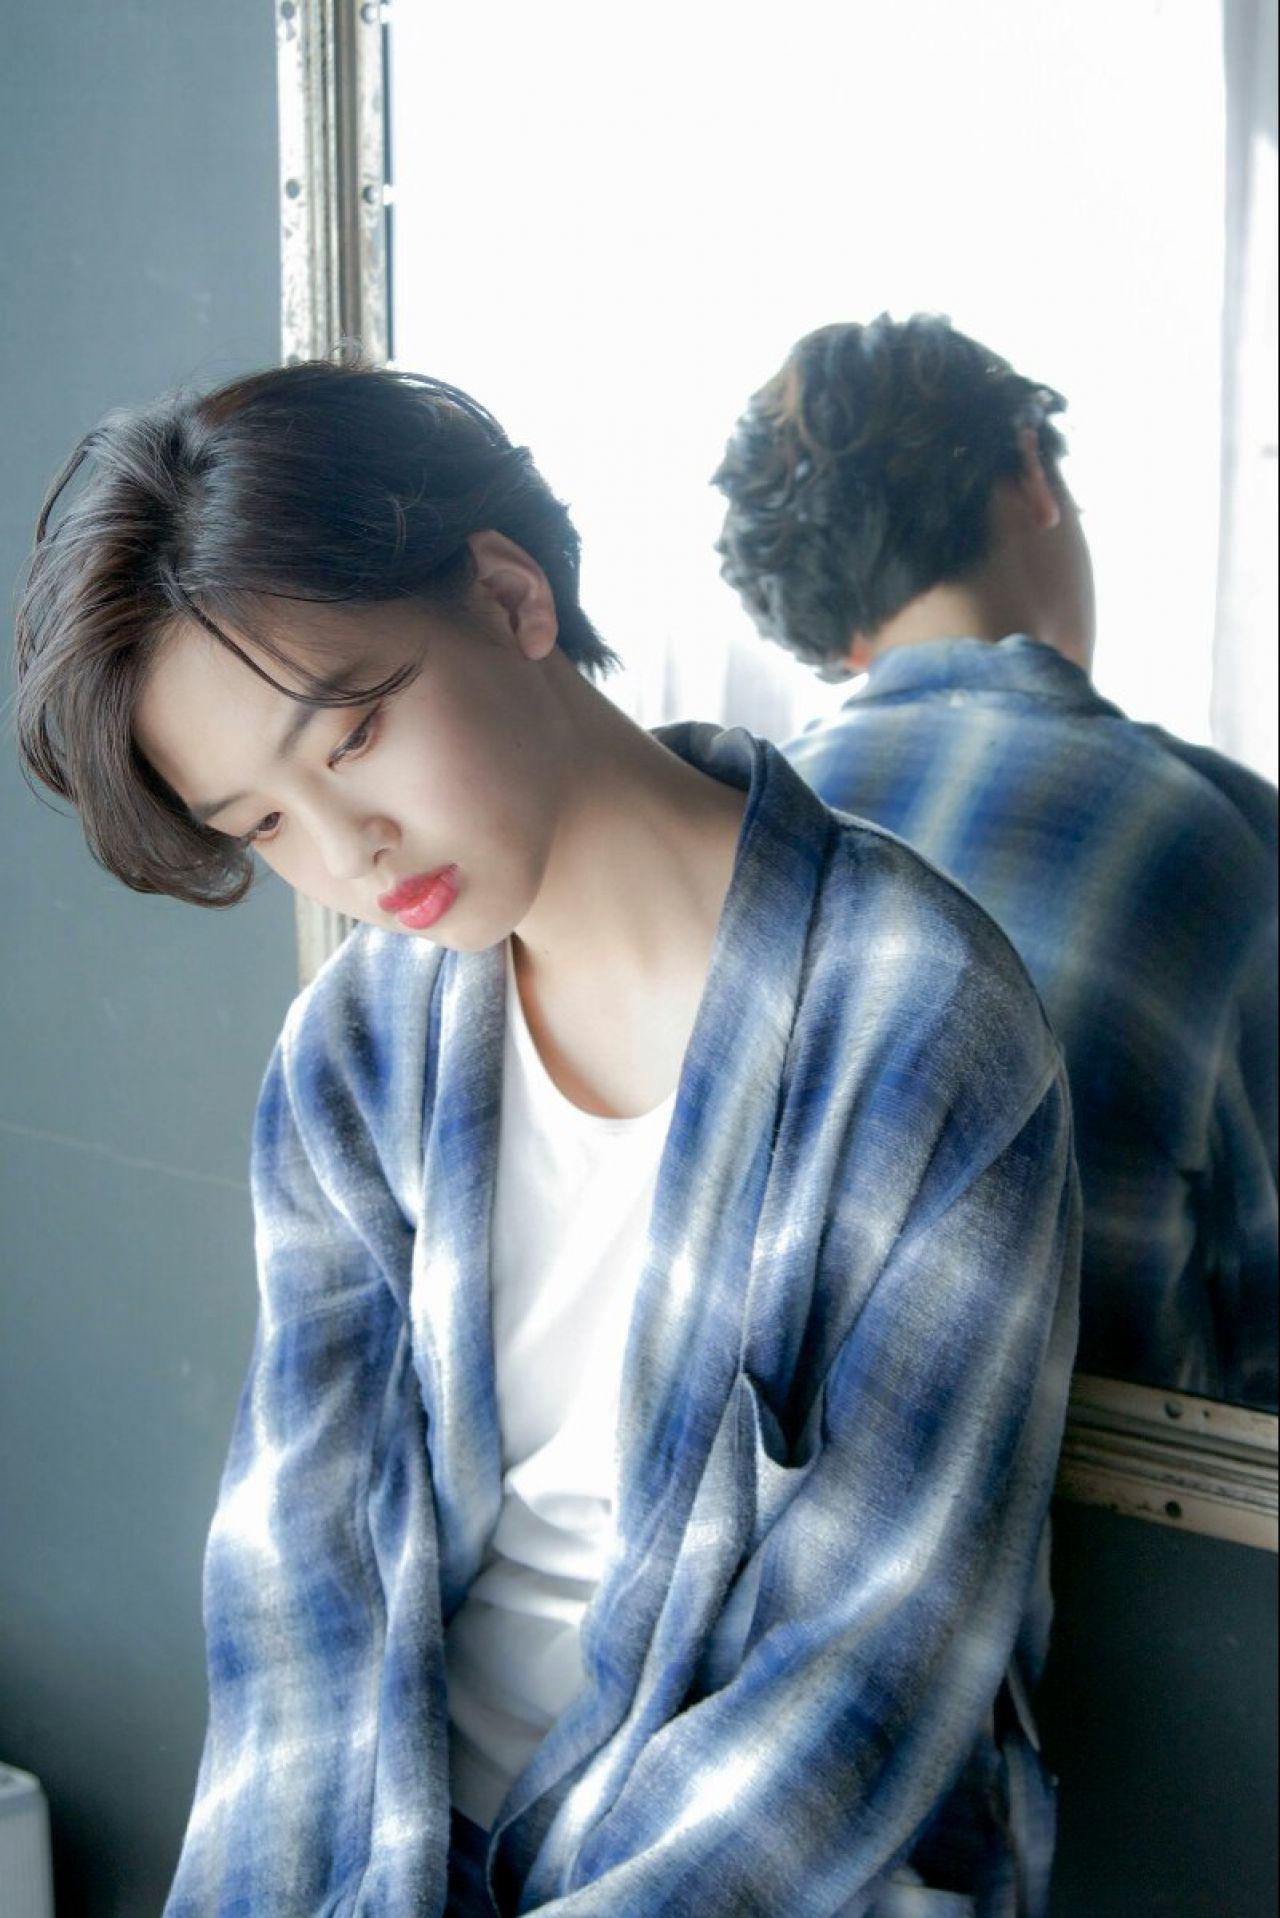 知らなかった?実はオンナ度が高い、魅惑の黒髪ベリーショート♡ 淀川 純